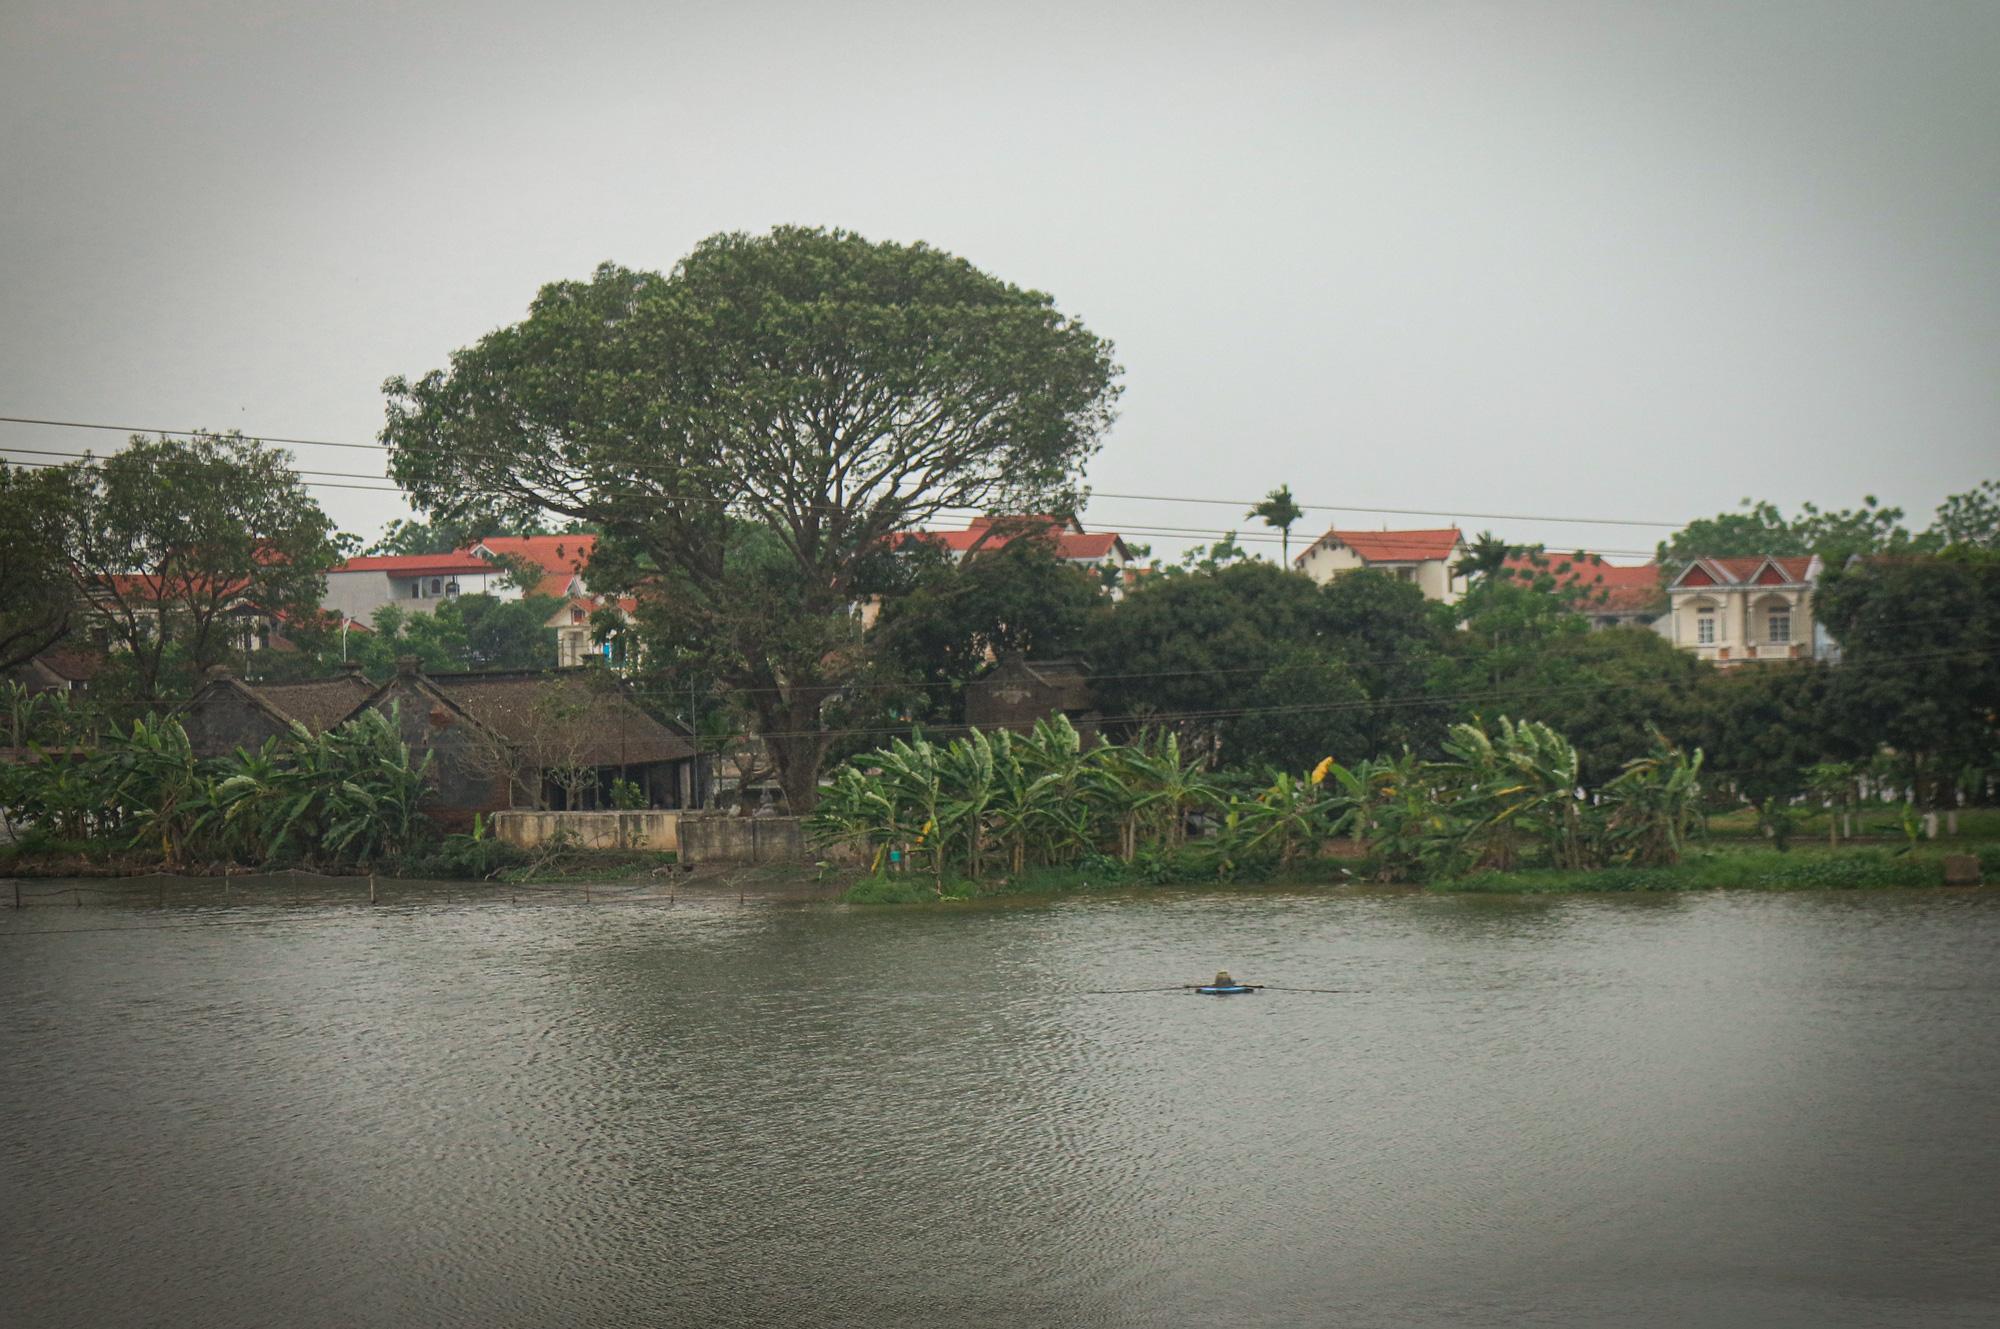 Đền đá Phú Đa: Nét kiến trúc độc đáo tồn tại hơn 300 năm lịch sử - Ảnh 2.